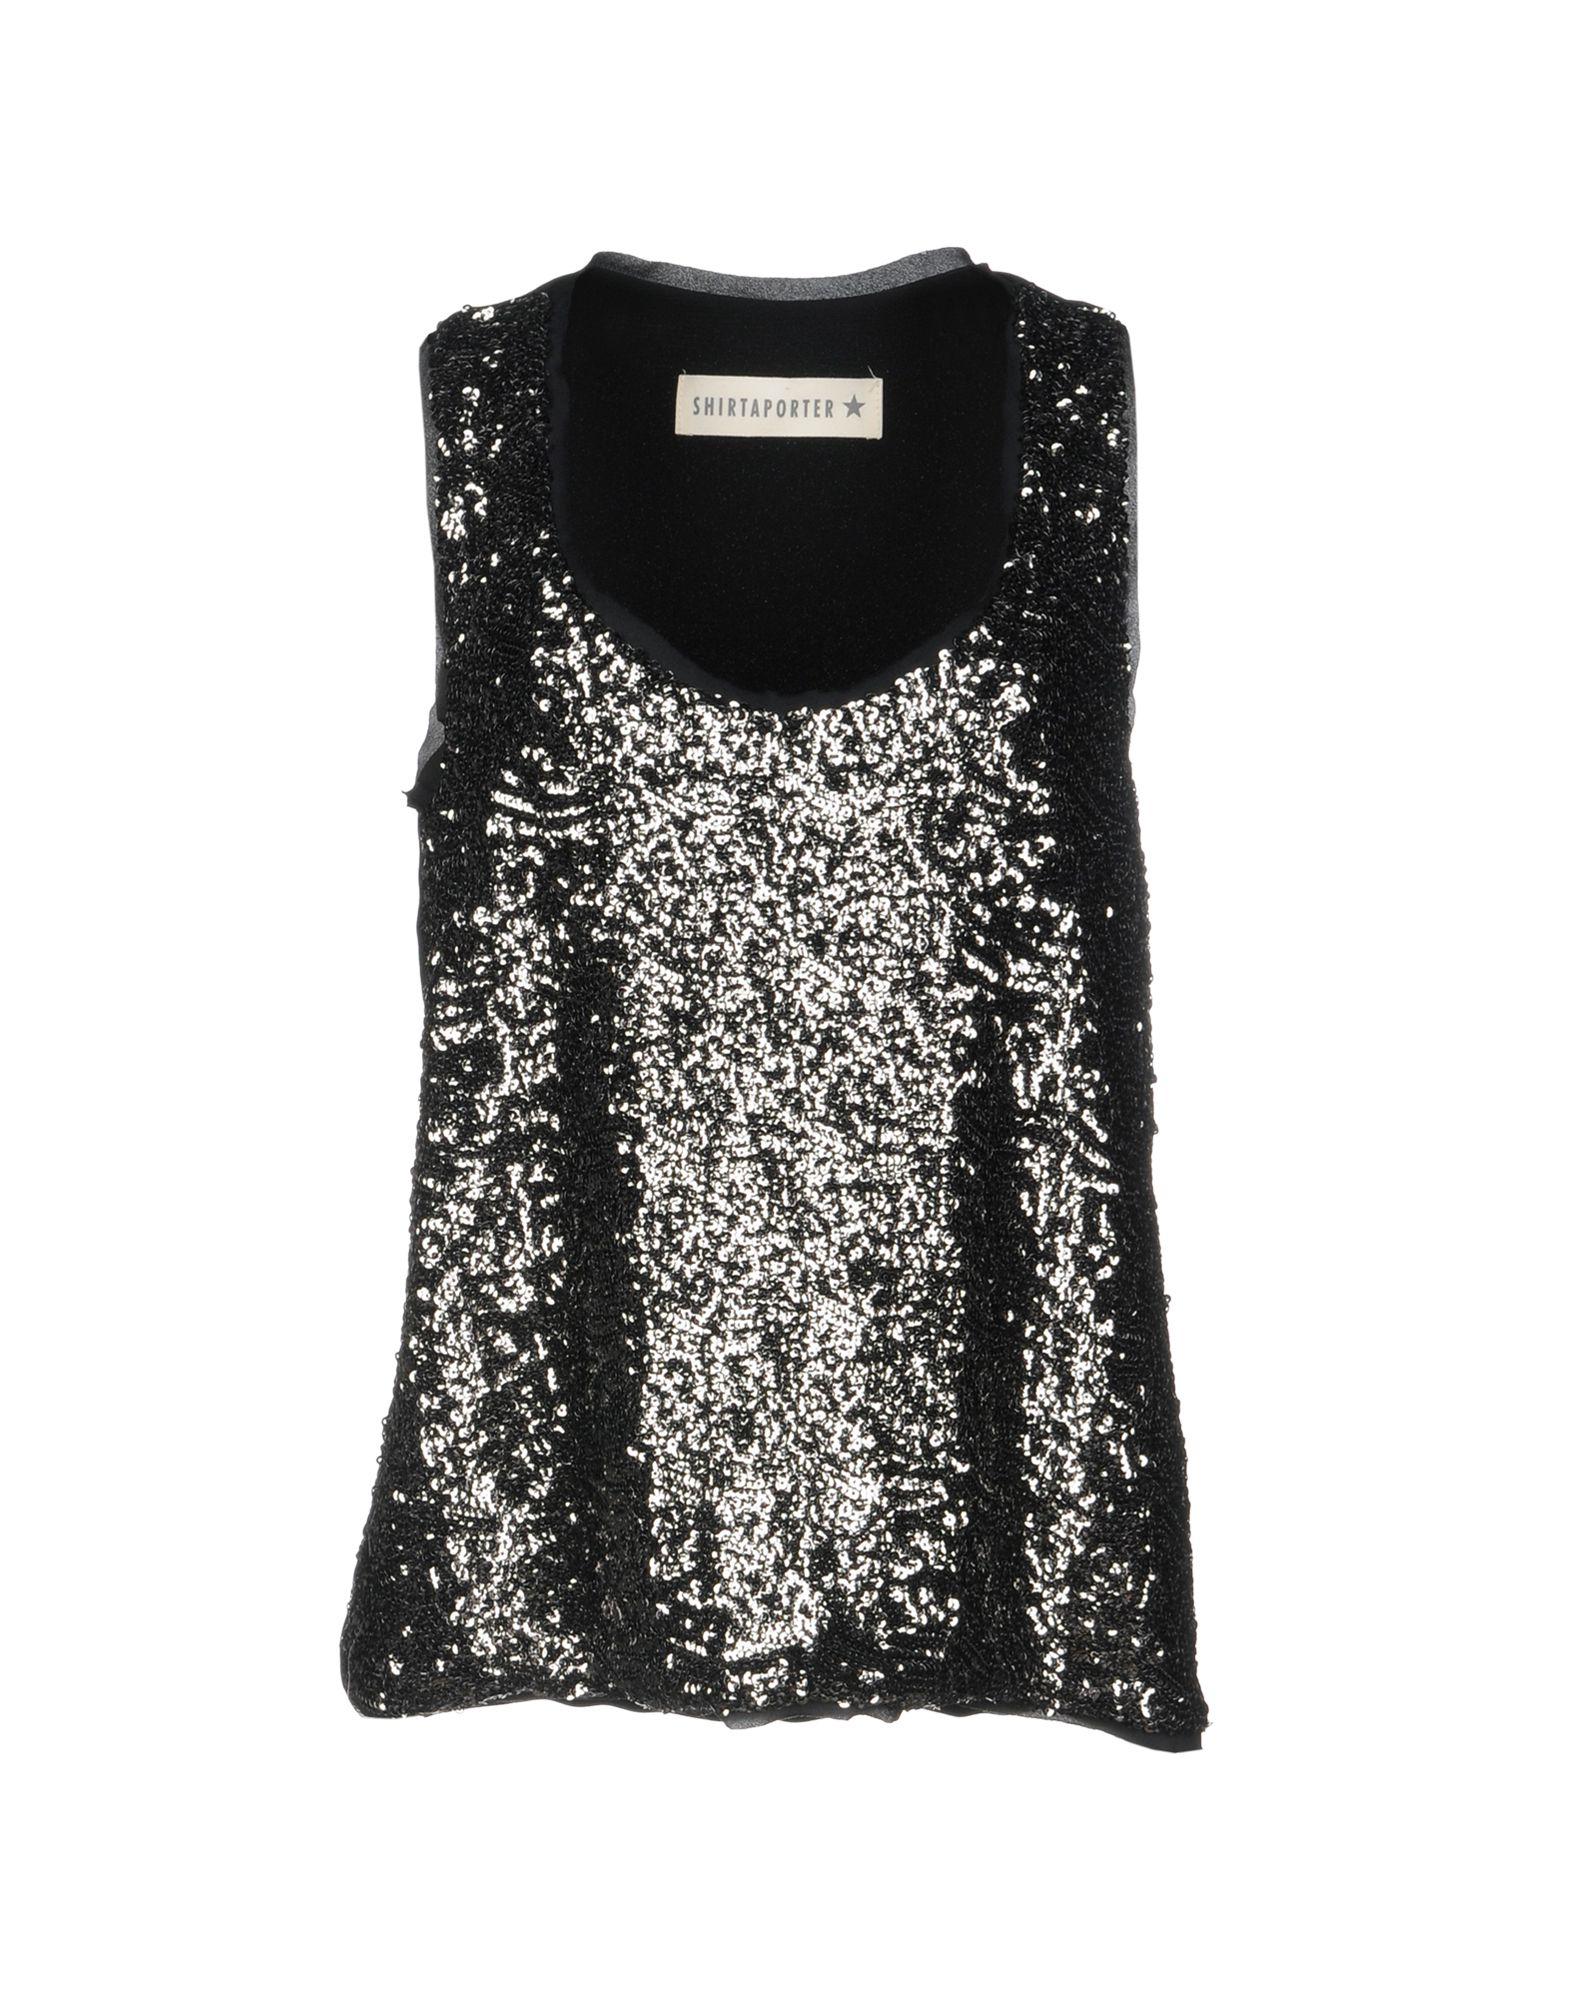 Top Shirtaporter damen - 12182271OU